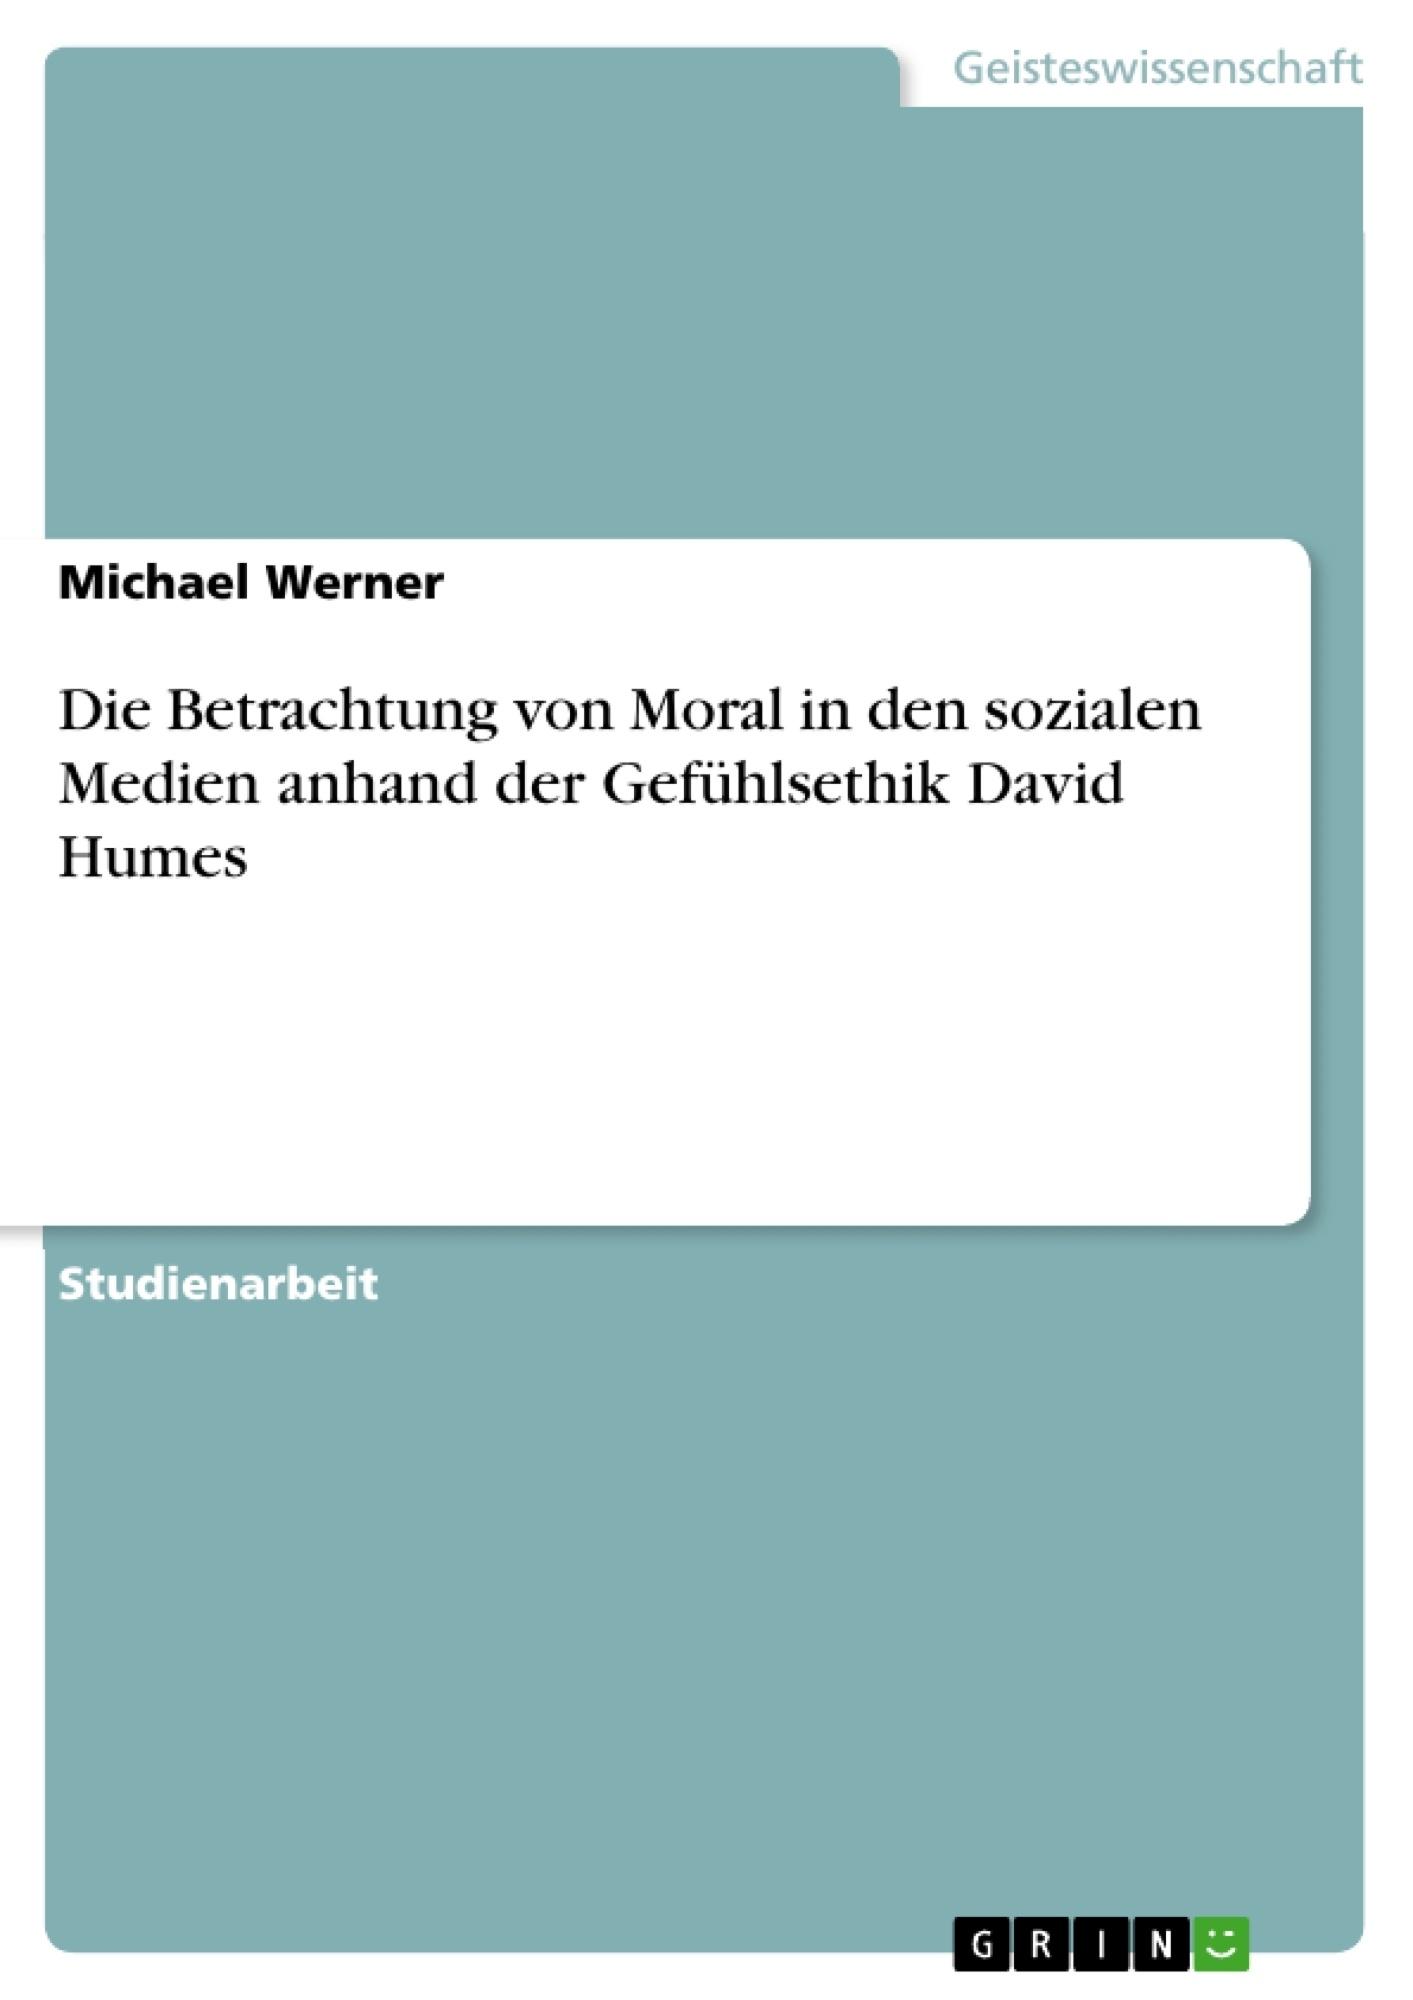 Titel: Die Betrachtung von Moral in den sozialen Medien anhand der Gefühlsethik David Humes